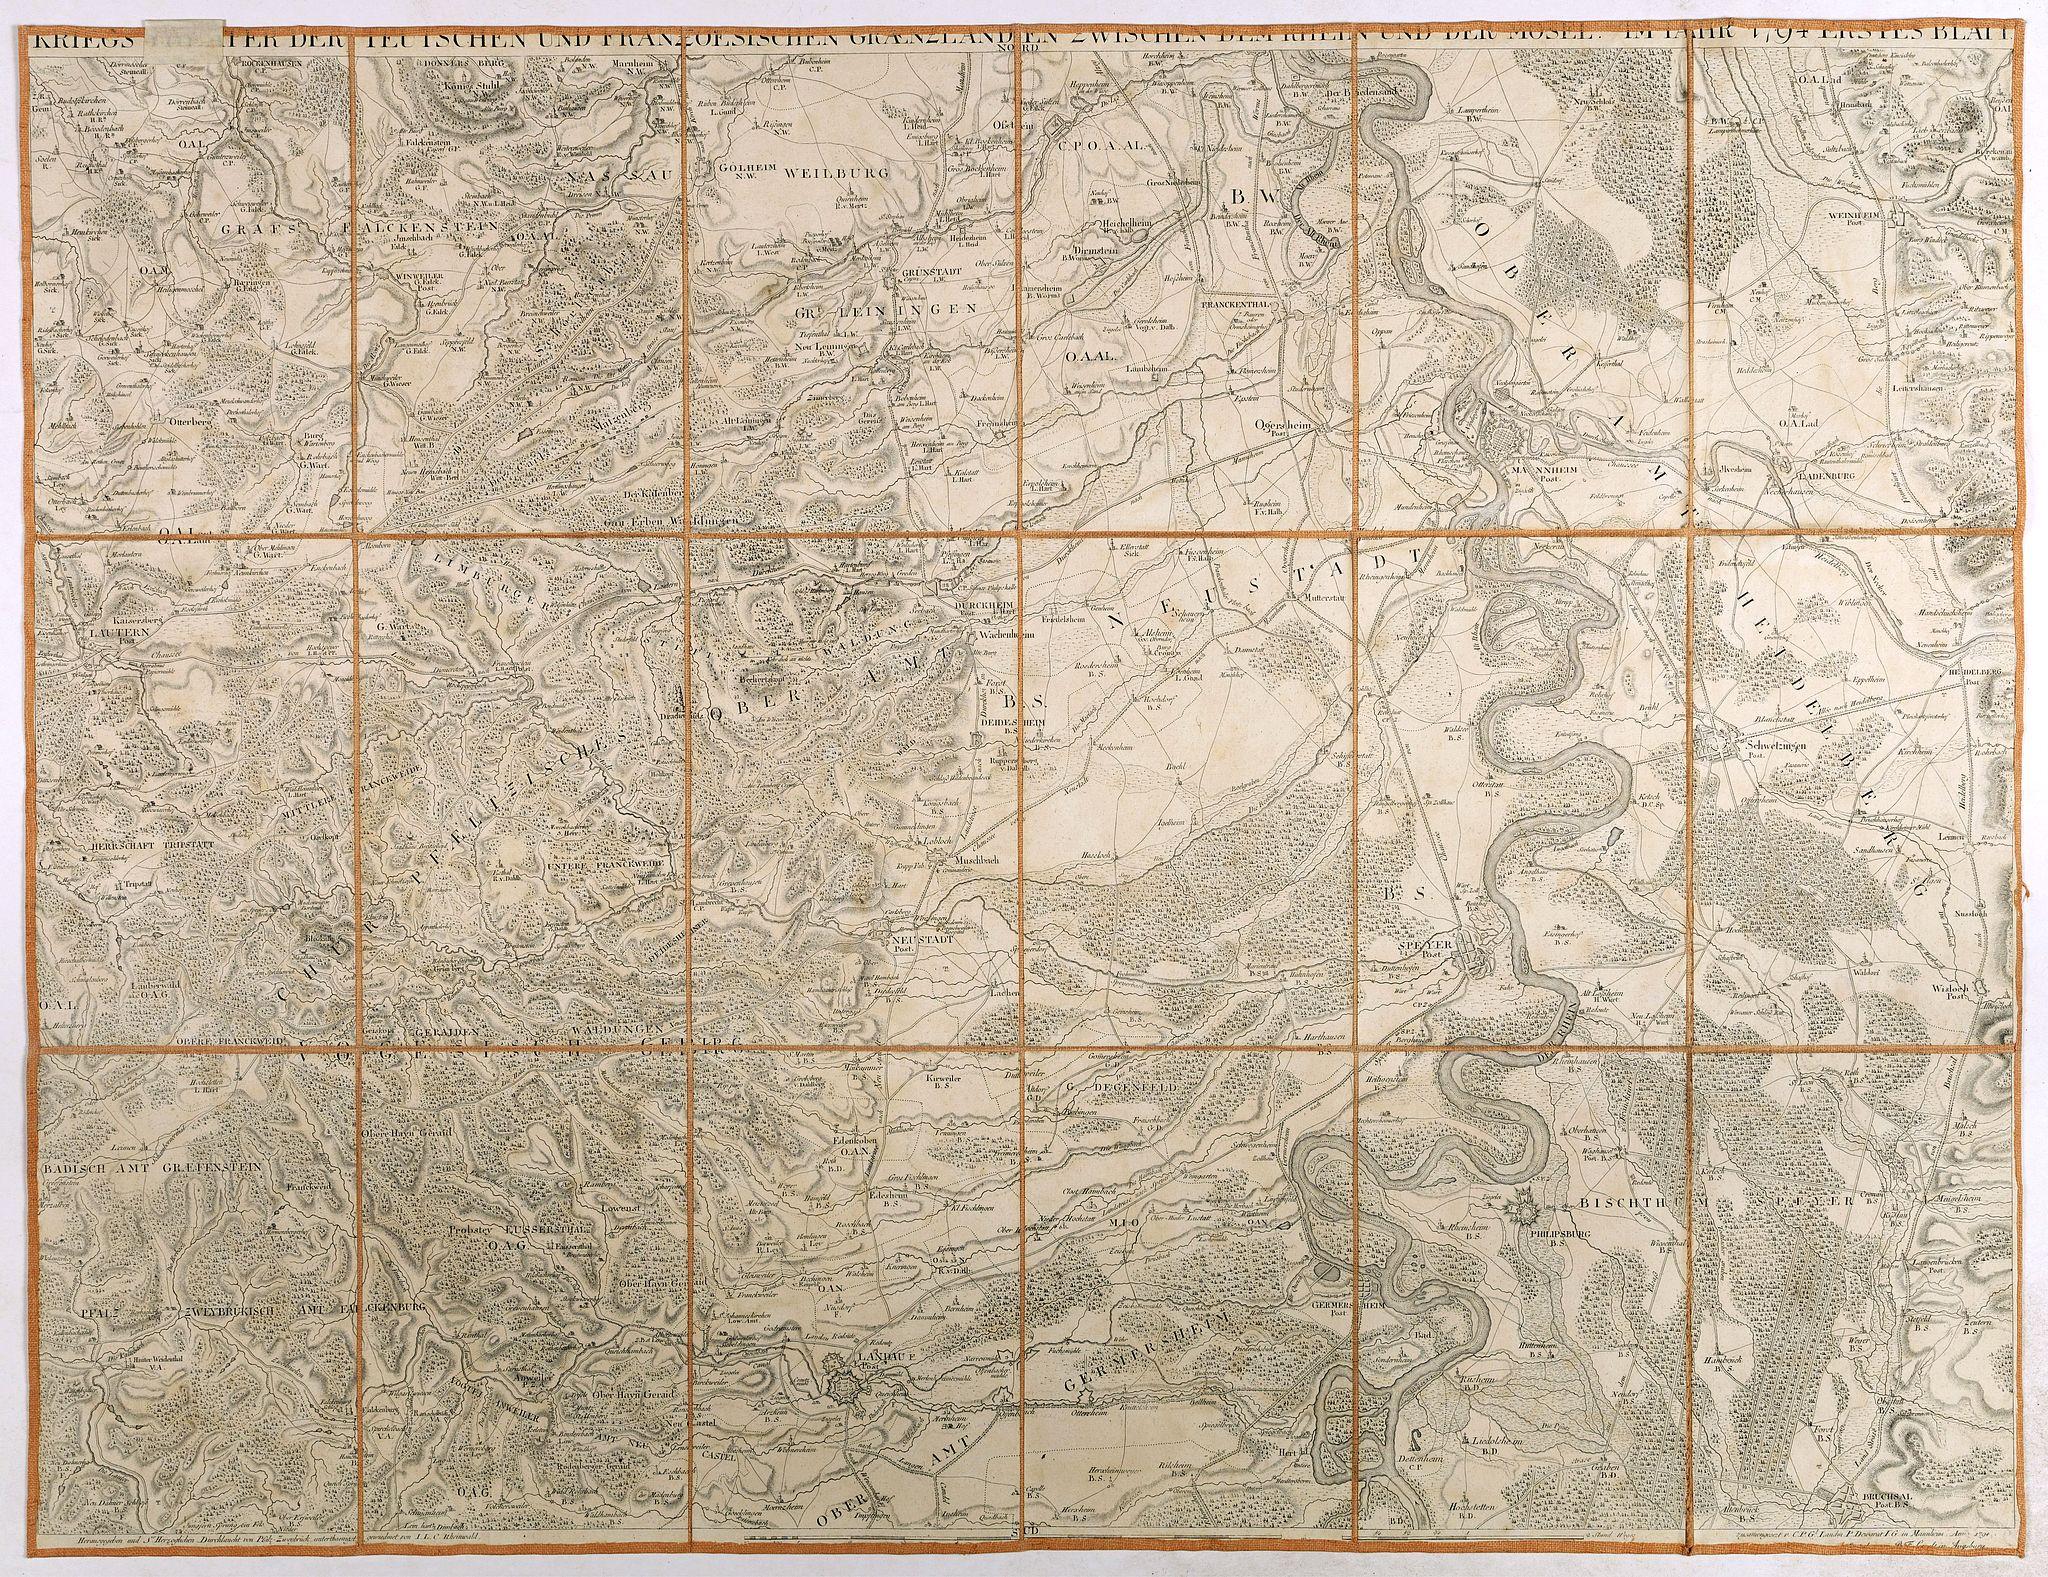 DEWARAT, O. -  Kriegs Theater der teutschen und franzoesischen Graenzlanden swischen dem Rhein und der Mosel, im Jahr 1796 : erstes Blatt.